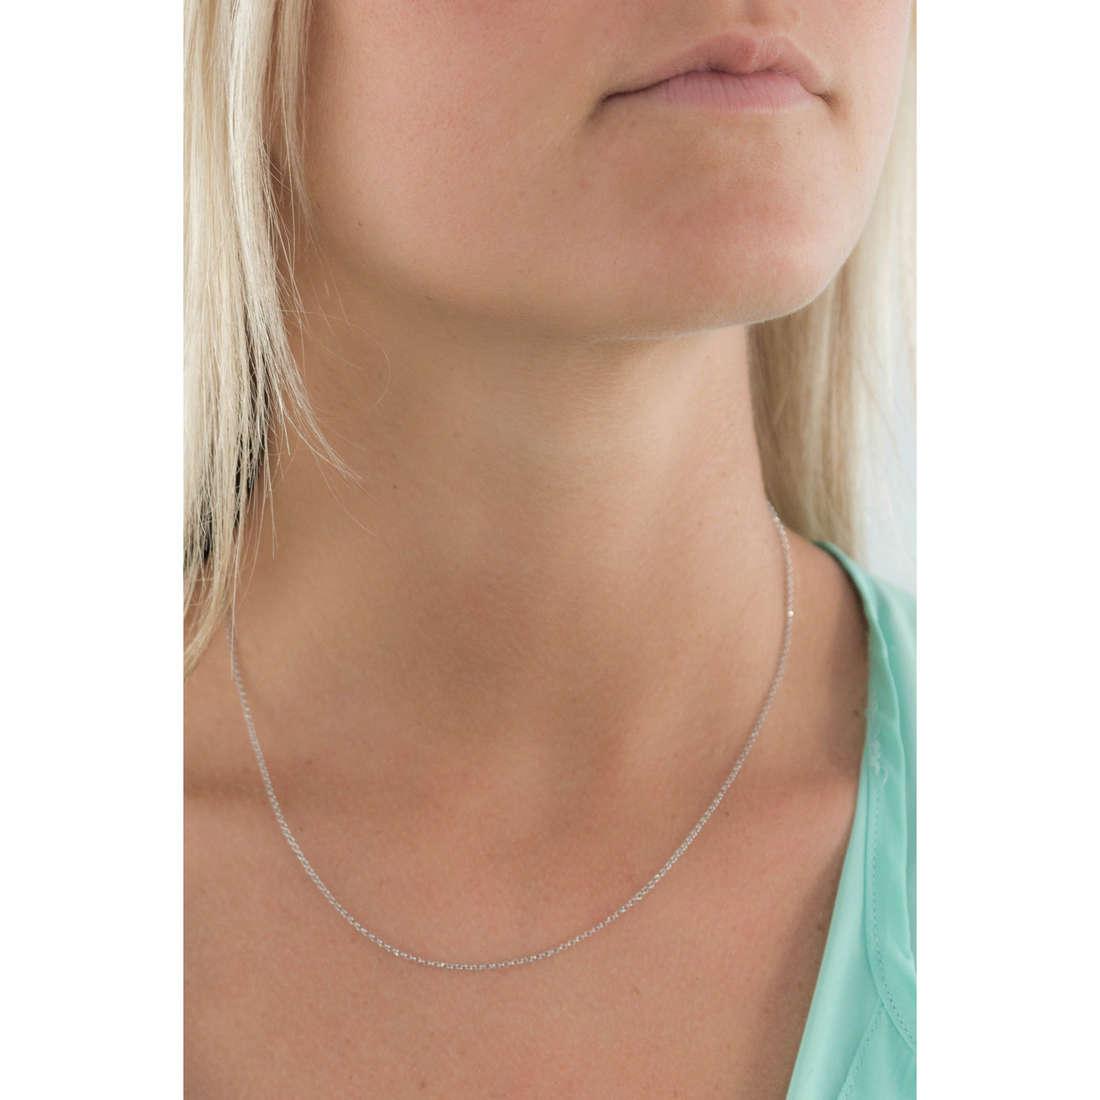 Giannotti necklaces Chiama Angeli woman GIA151 indosso